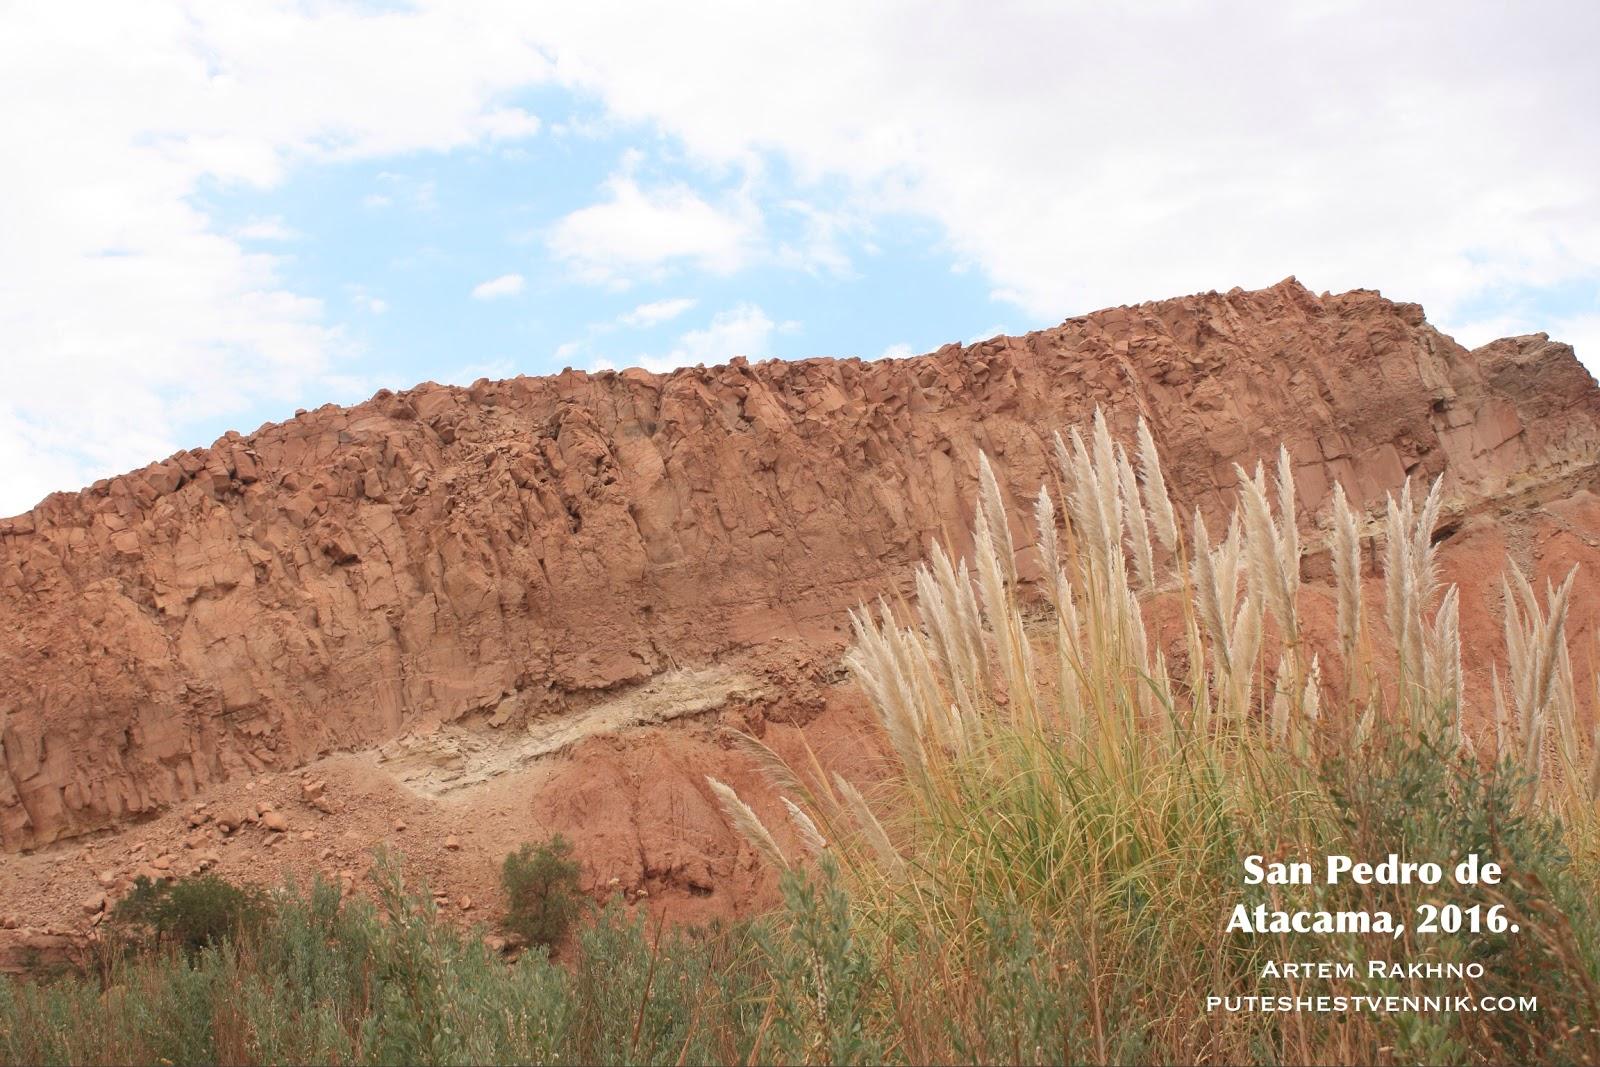 Скалы и трава в Атакаме